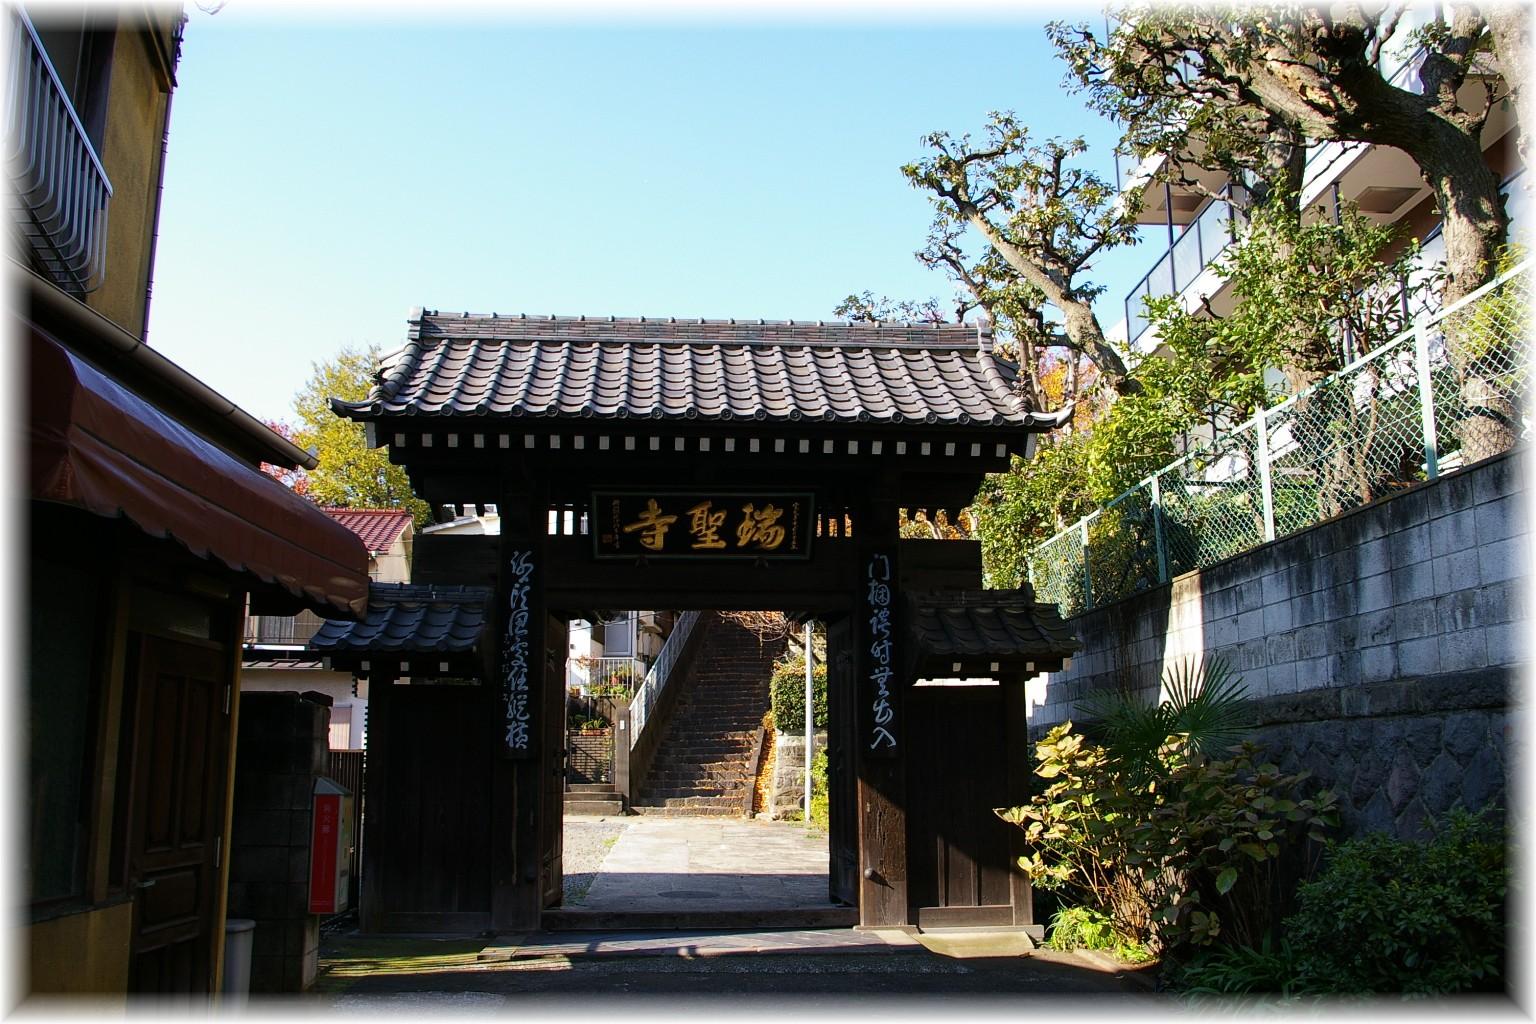 旧通用門(重要文化財の附指定)